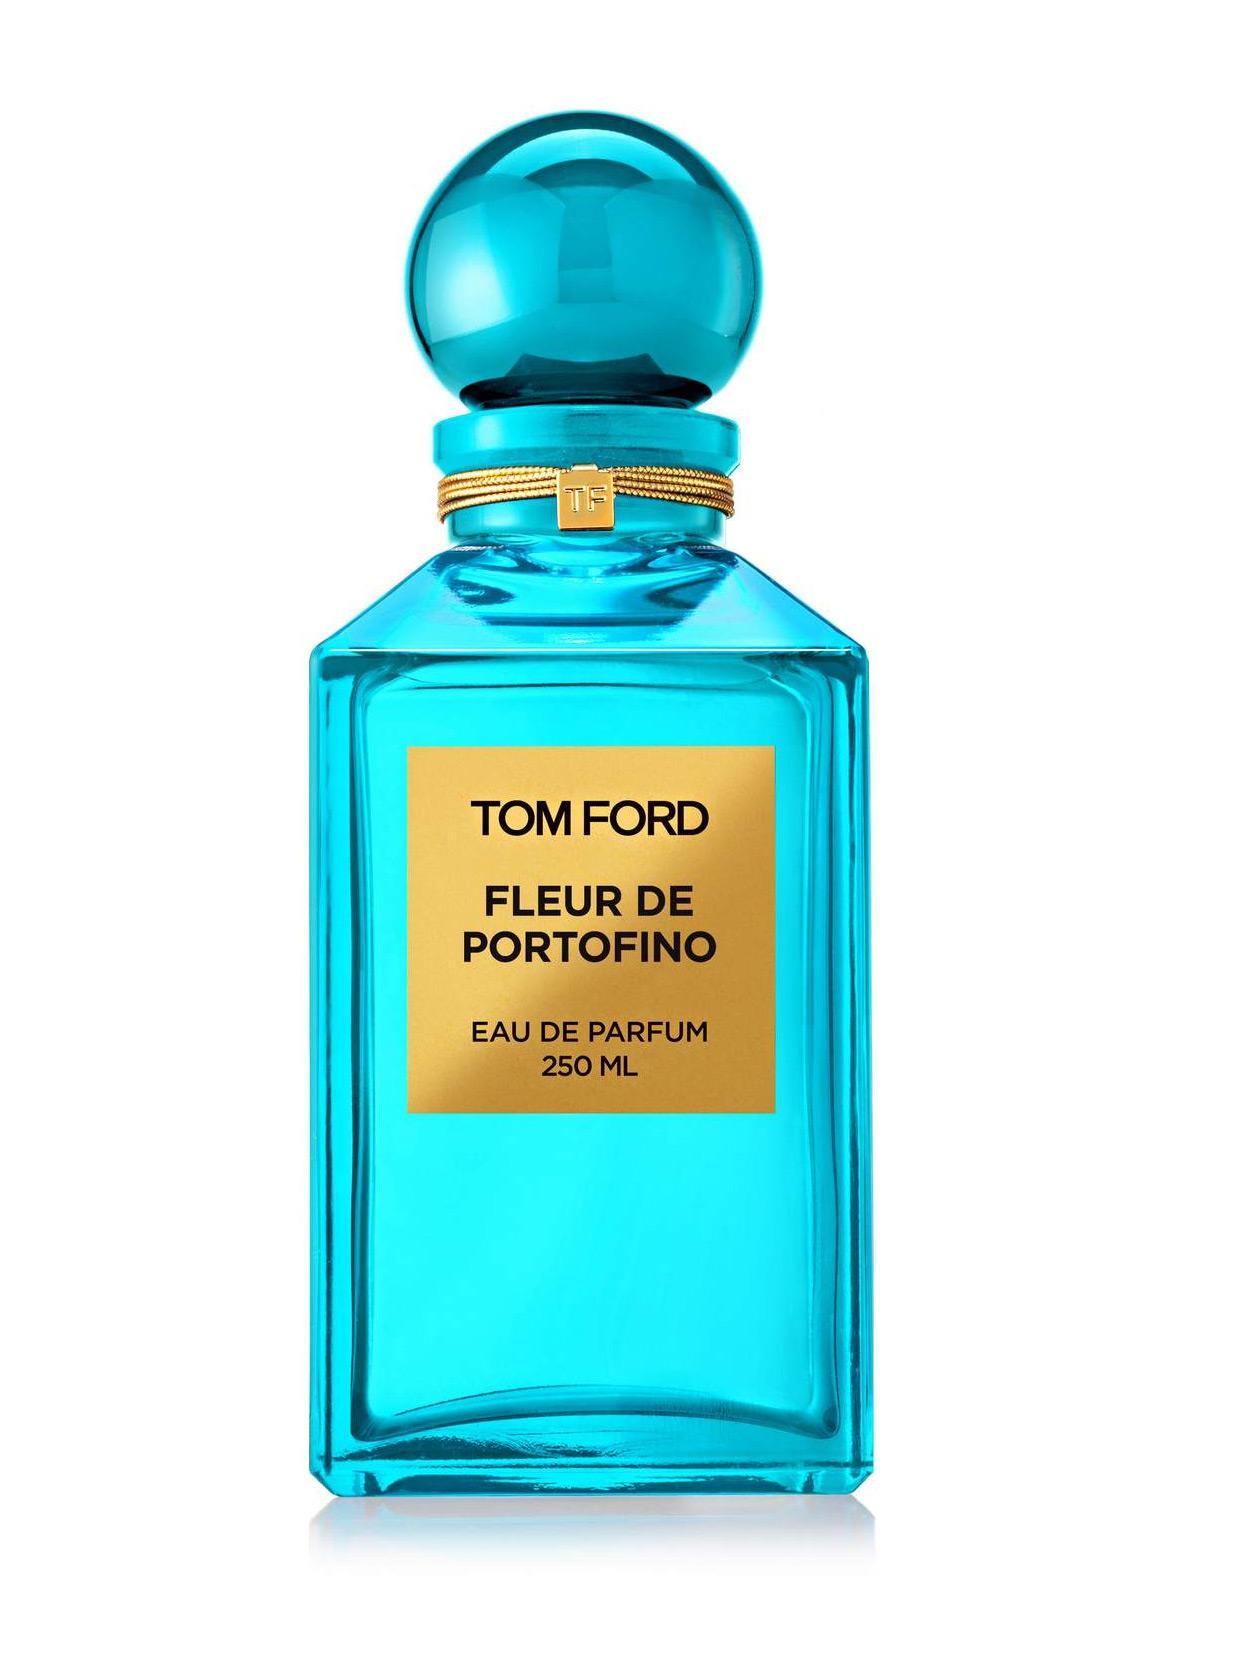 Fleur De Portofino Tom Ford Parfum Un Parfum Unisex 2015